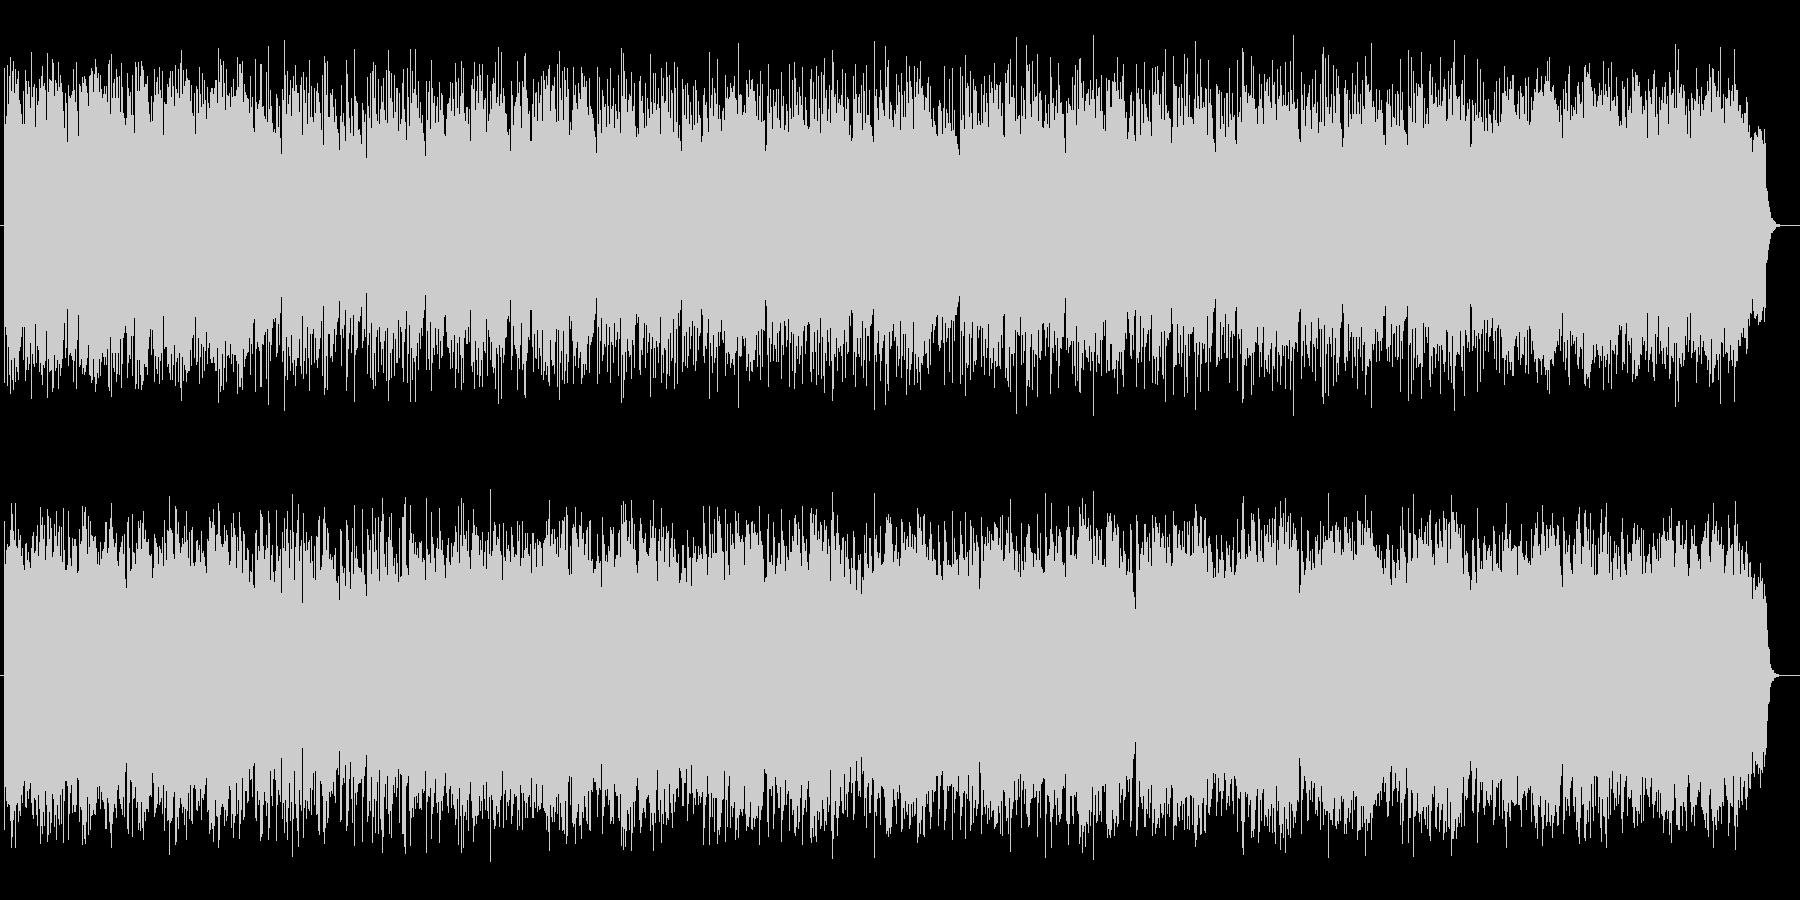 艶やかな和風シンセサイザー弦楽器サウンドの未再生の波形